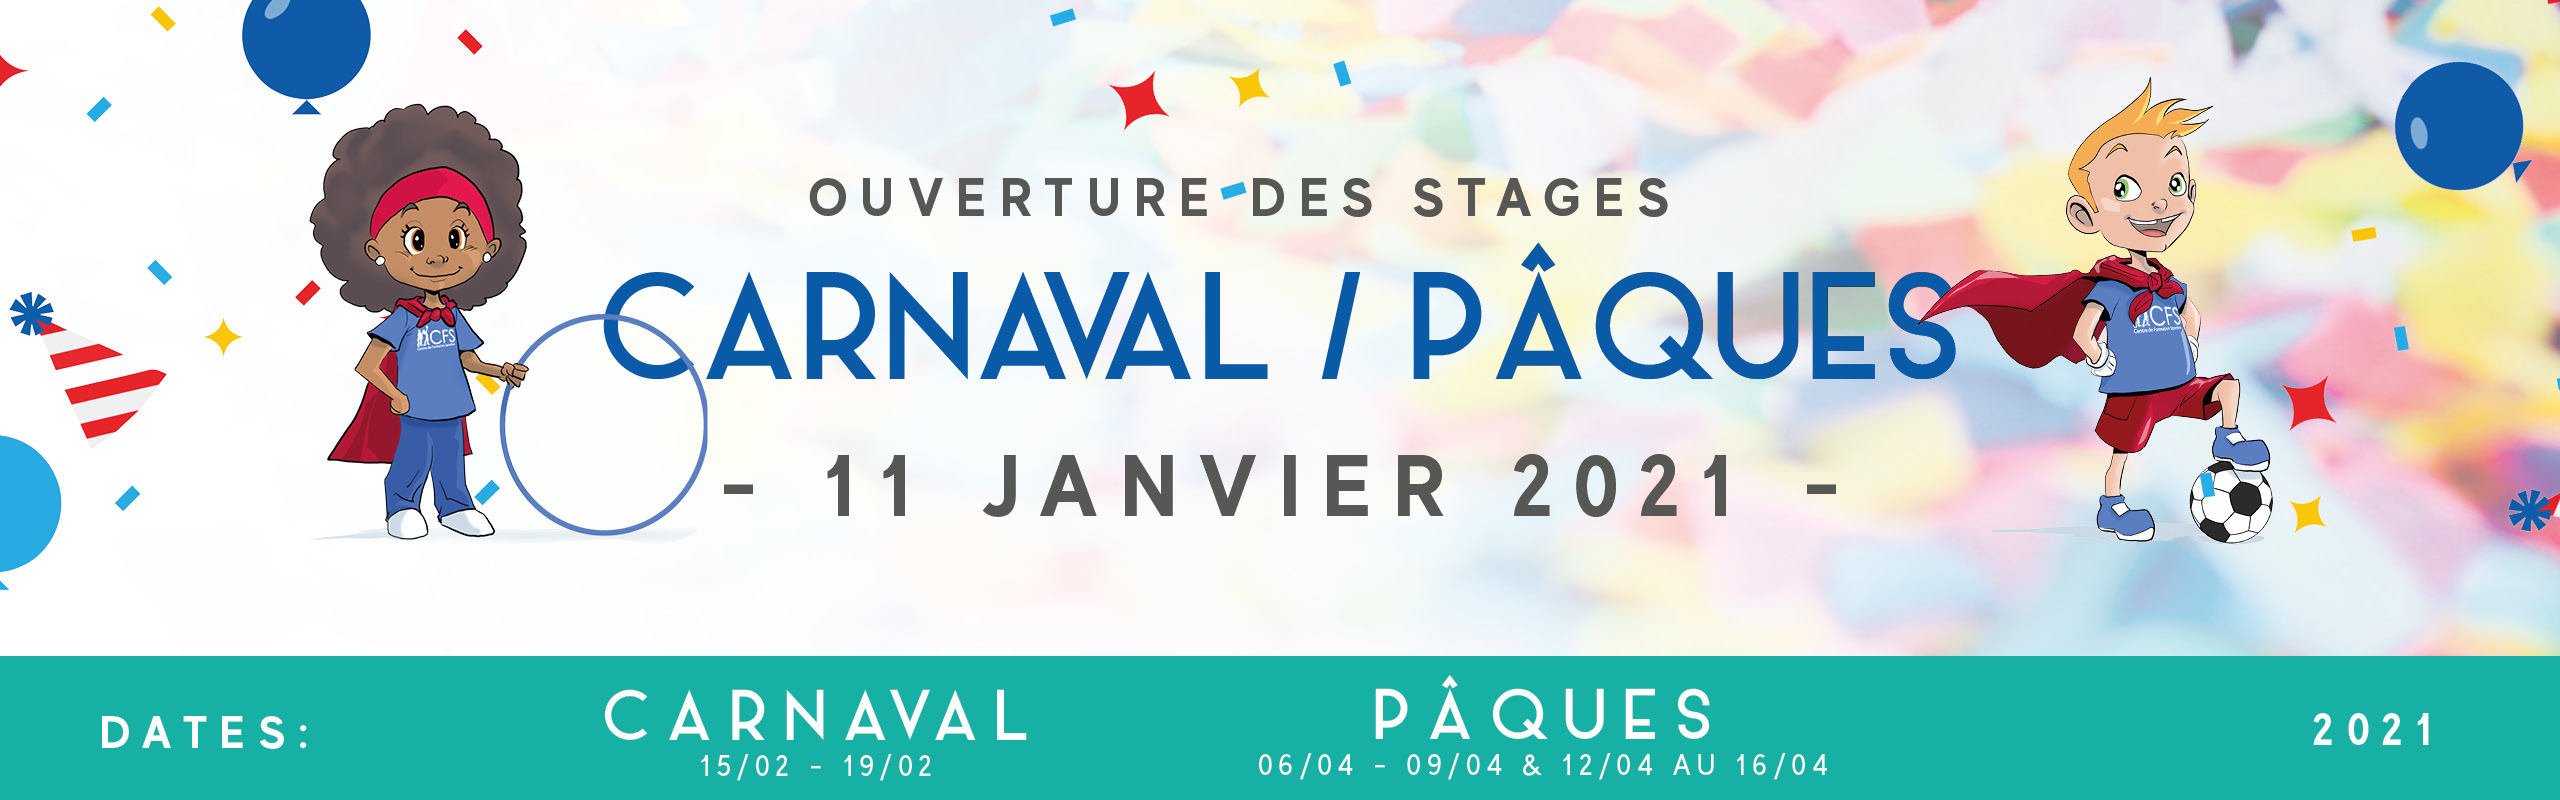 Ouverture des stages Carnaval / Pâques